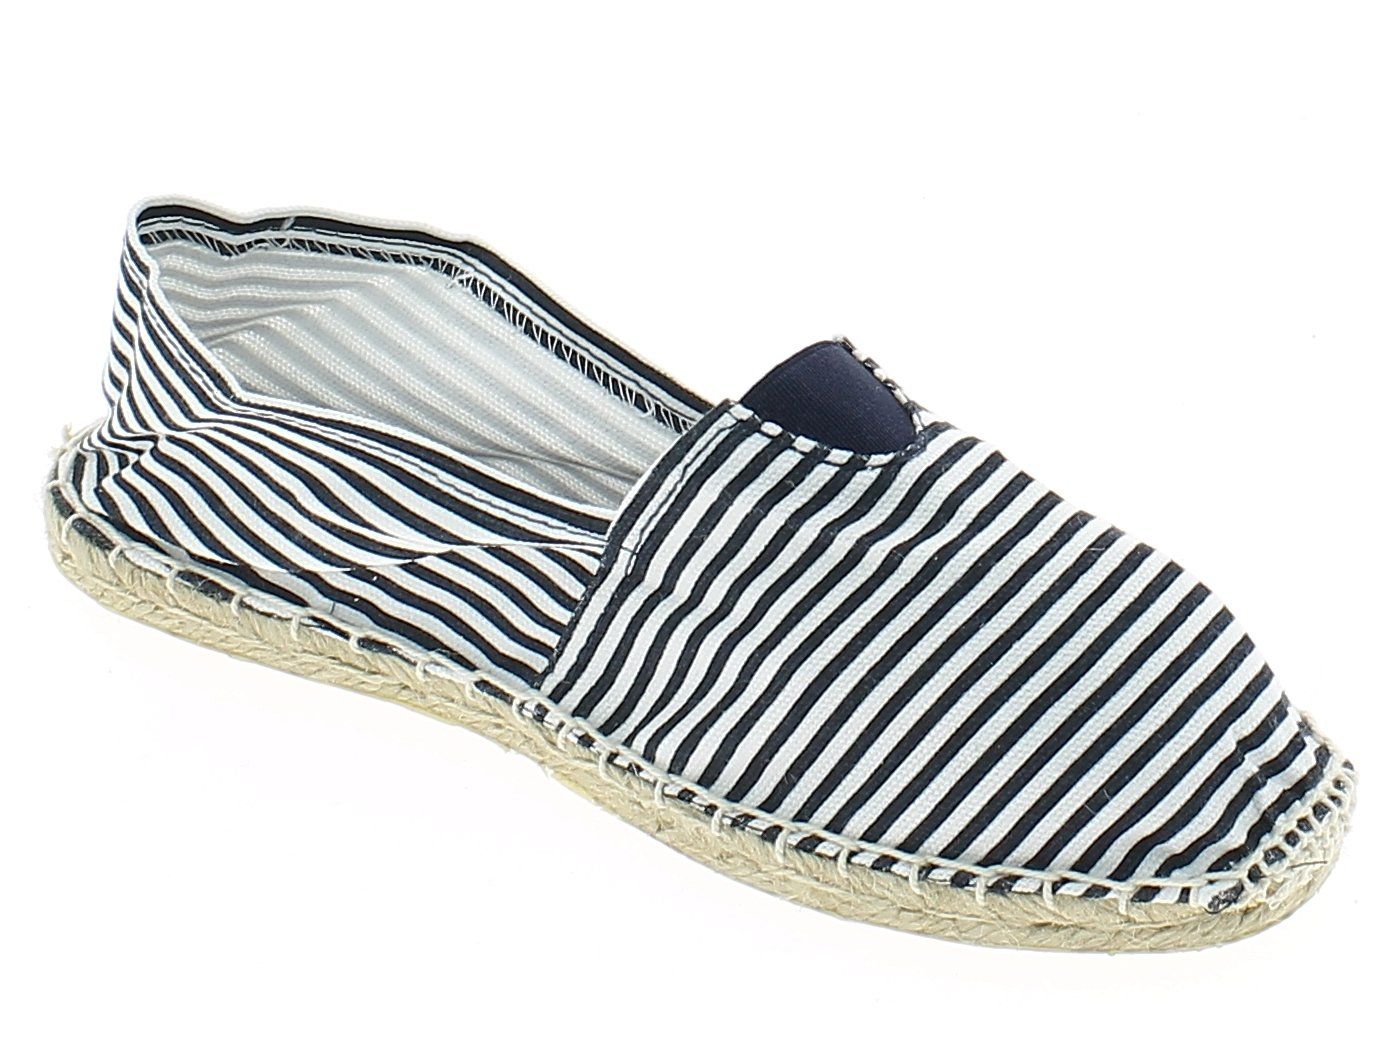 MADIGAN Γυναικείο Casual ENRIGUE Μπλε - IqShoes - ENRIGUE blue 41/1/23/28 προϊόντα παπούτσια